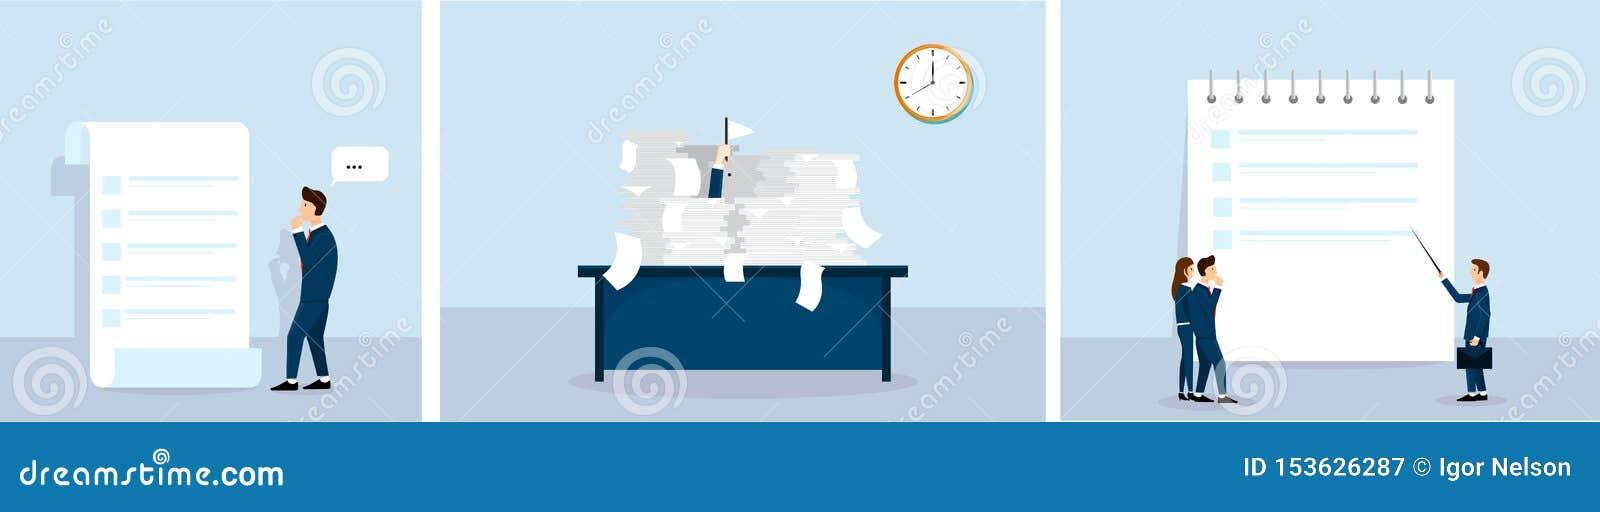 Minisatz des Geschäftskonzeptes Schreibarbeit Zu Liste tun Geschäftslektionen Vektor